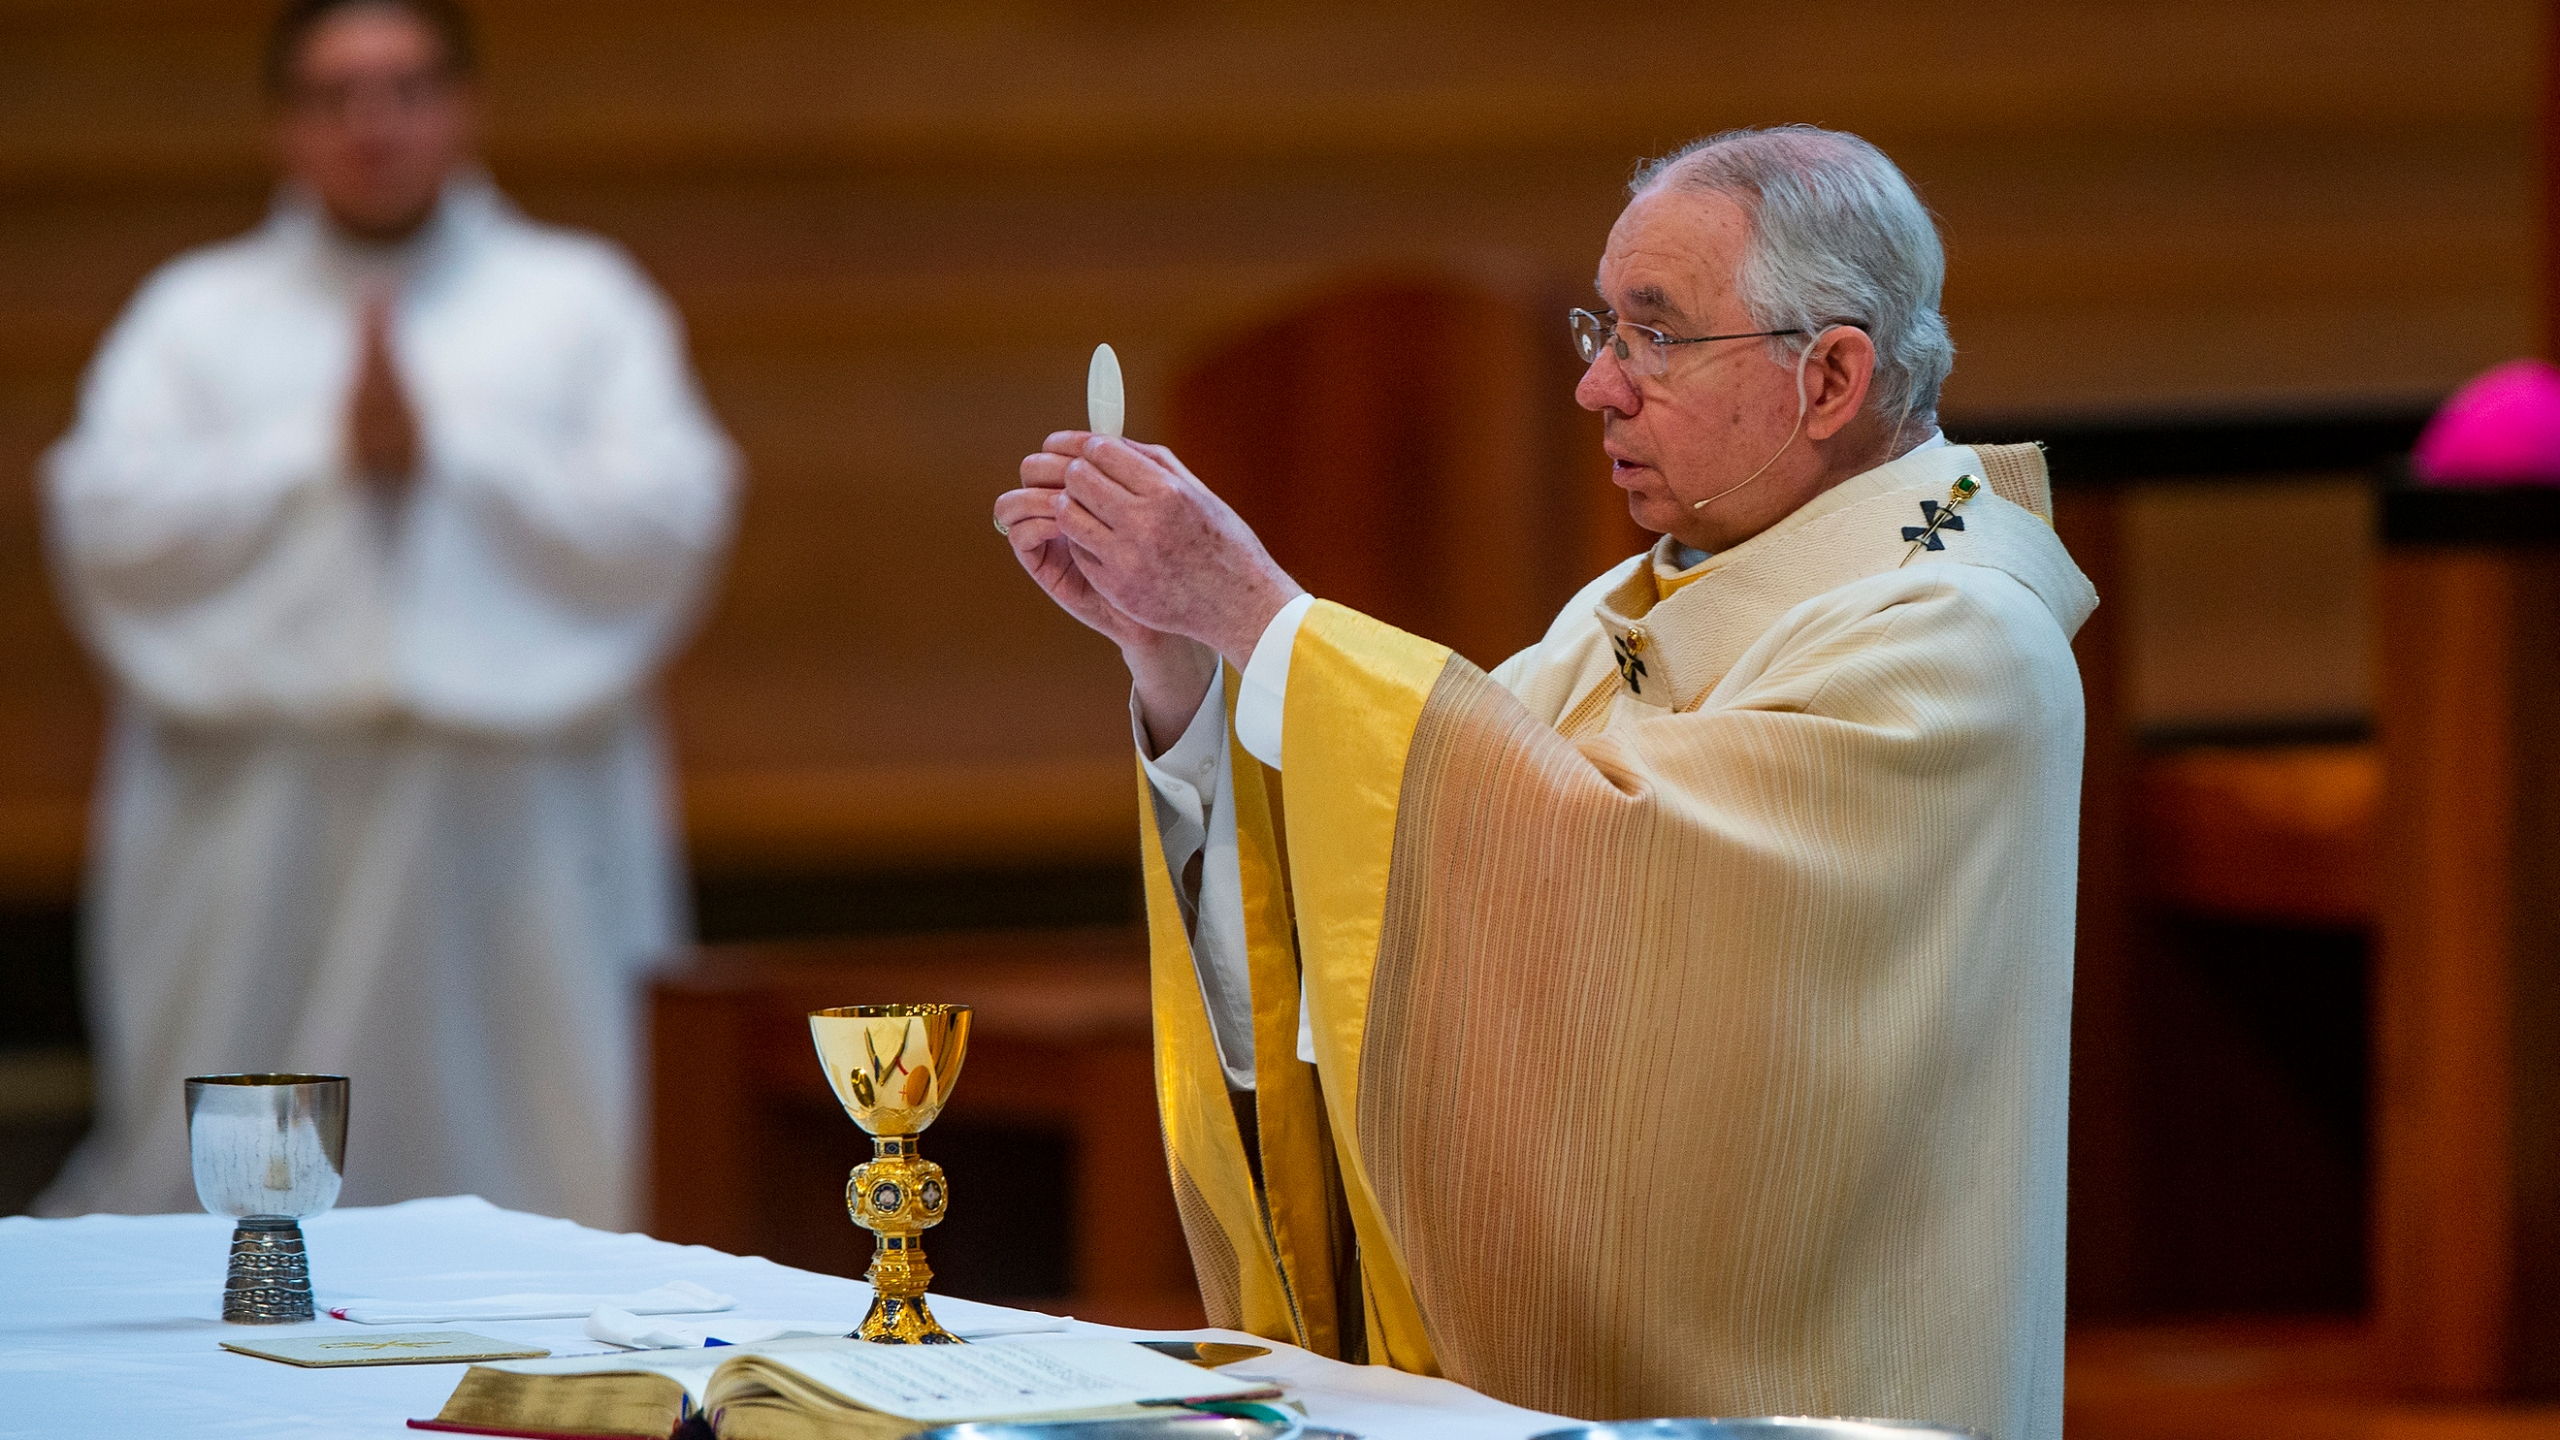 Jose H. Gomez, Los Angeles Archbishop Jose H. Gomez